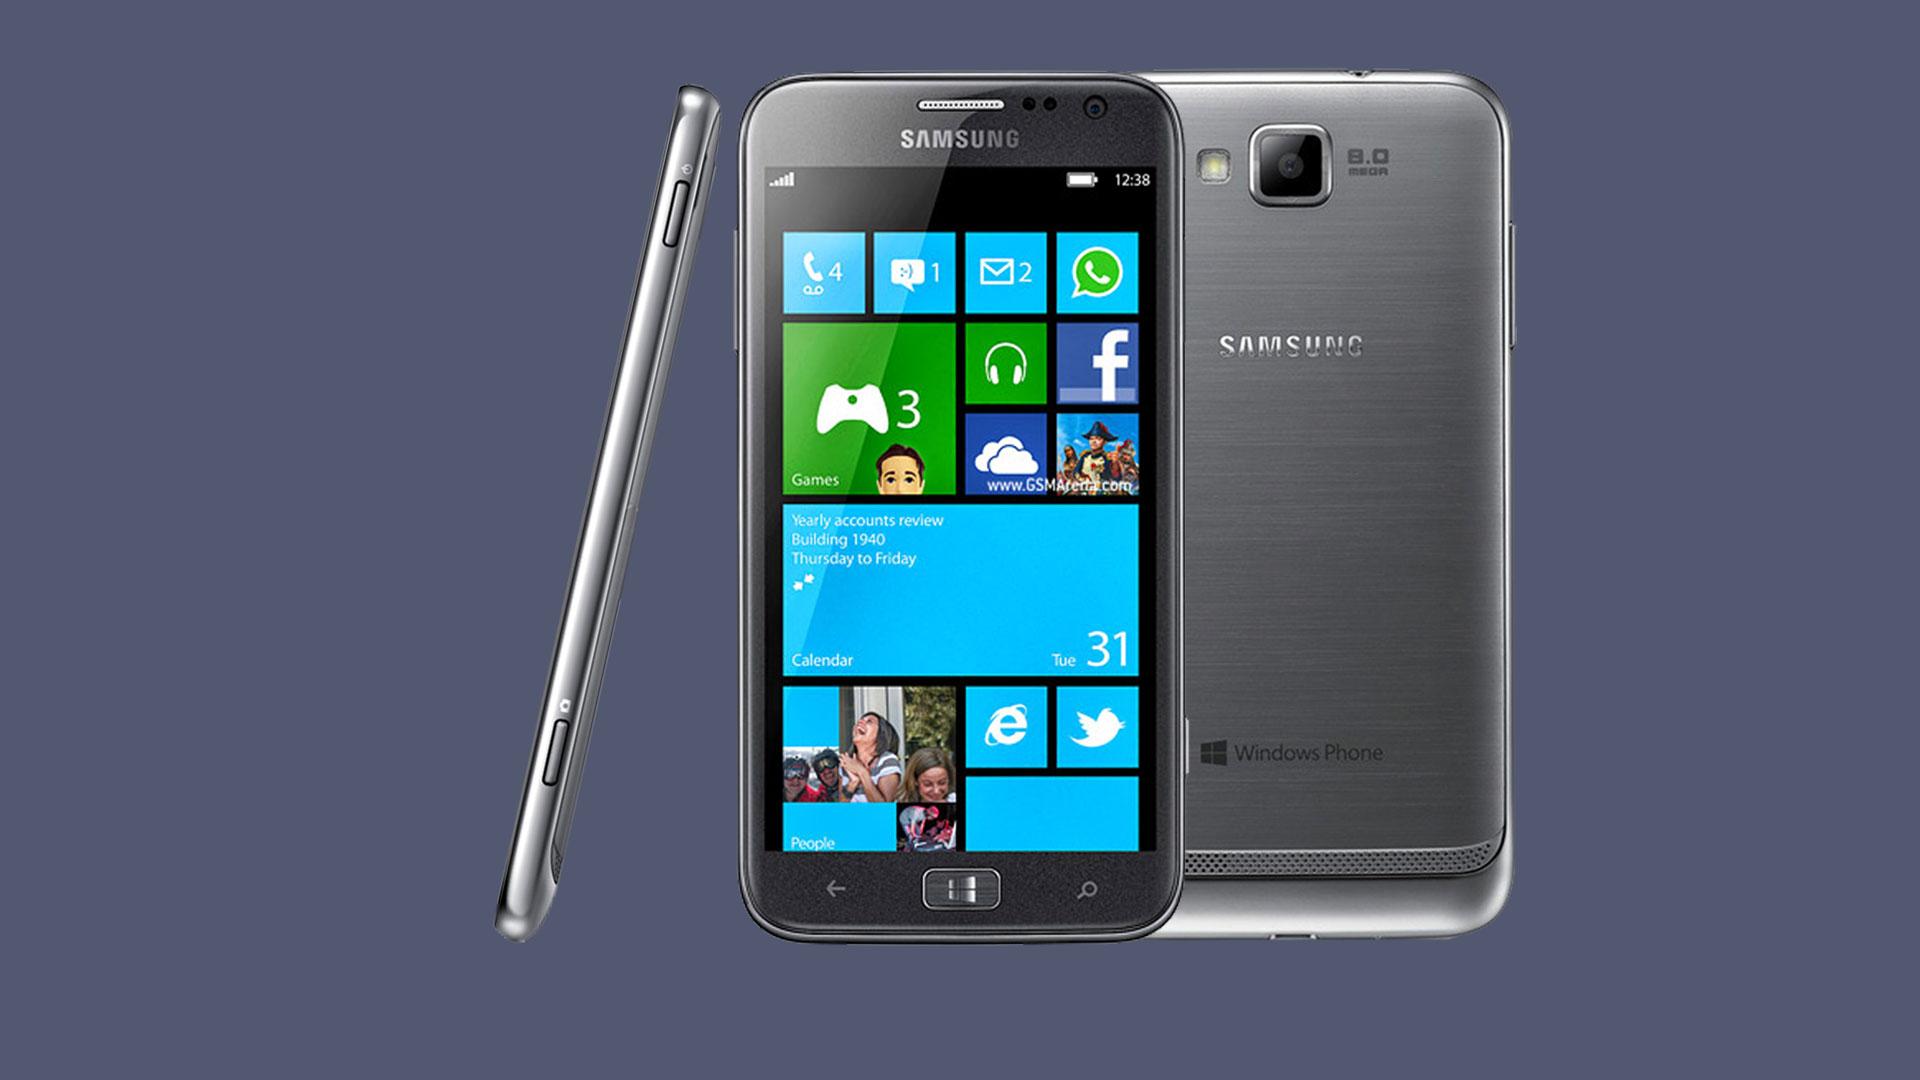 Samsung Ativ S I8750